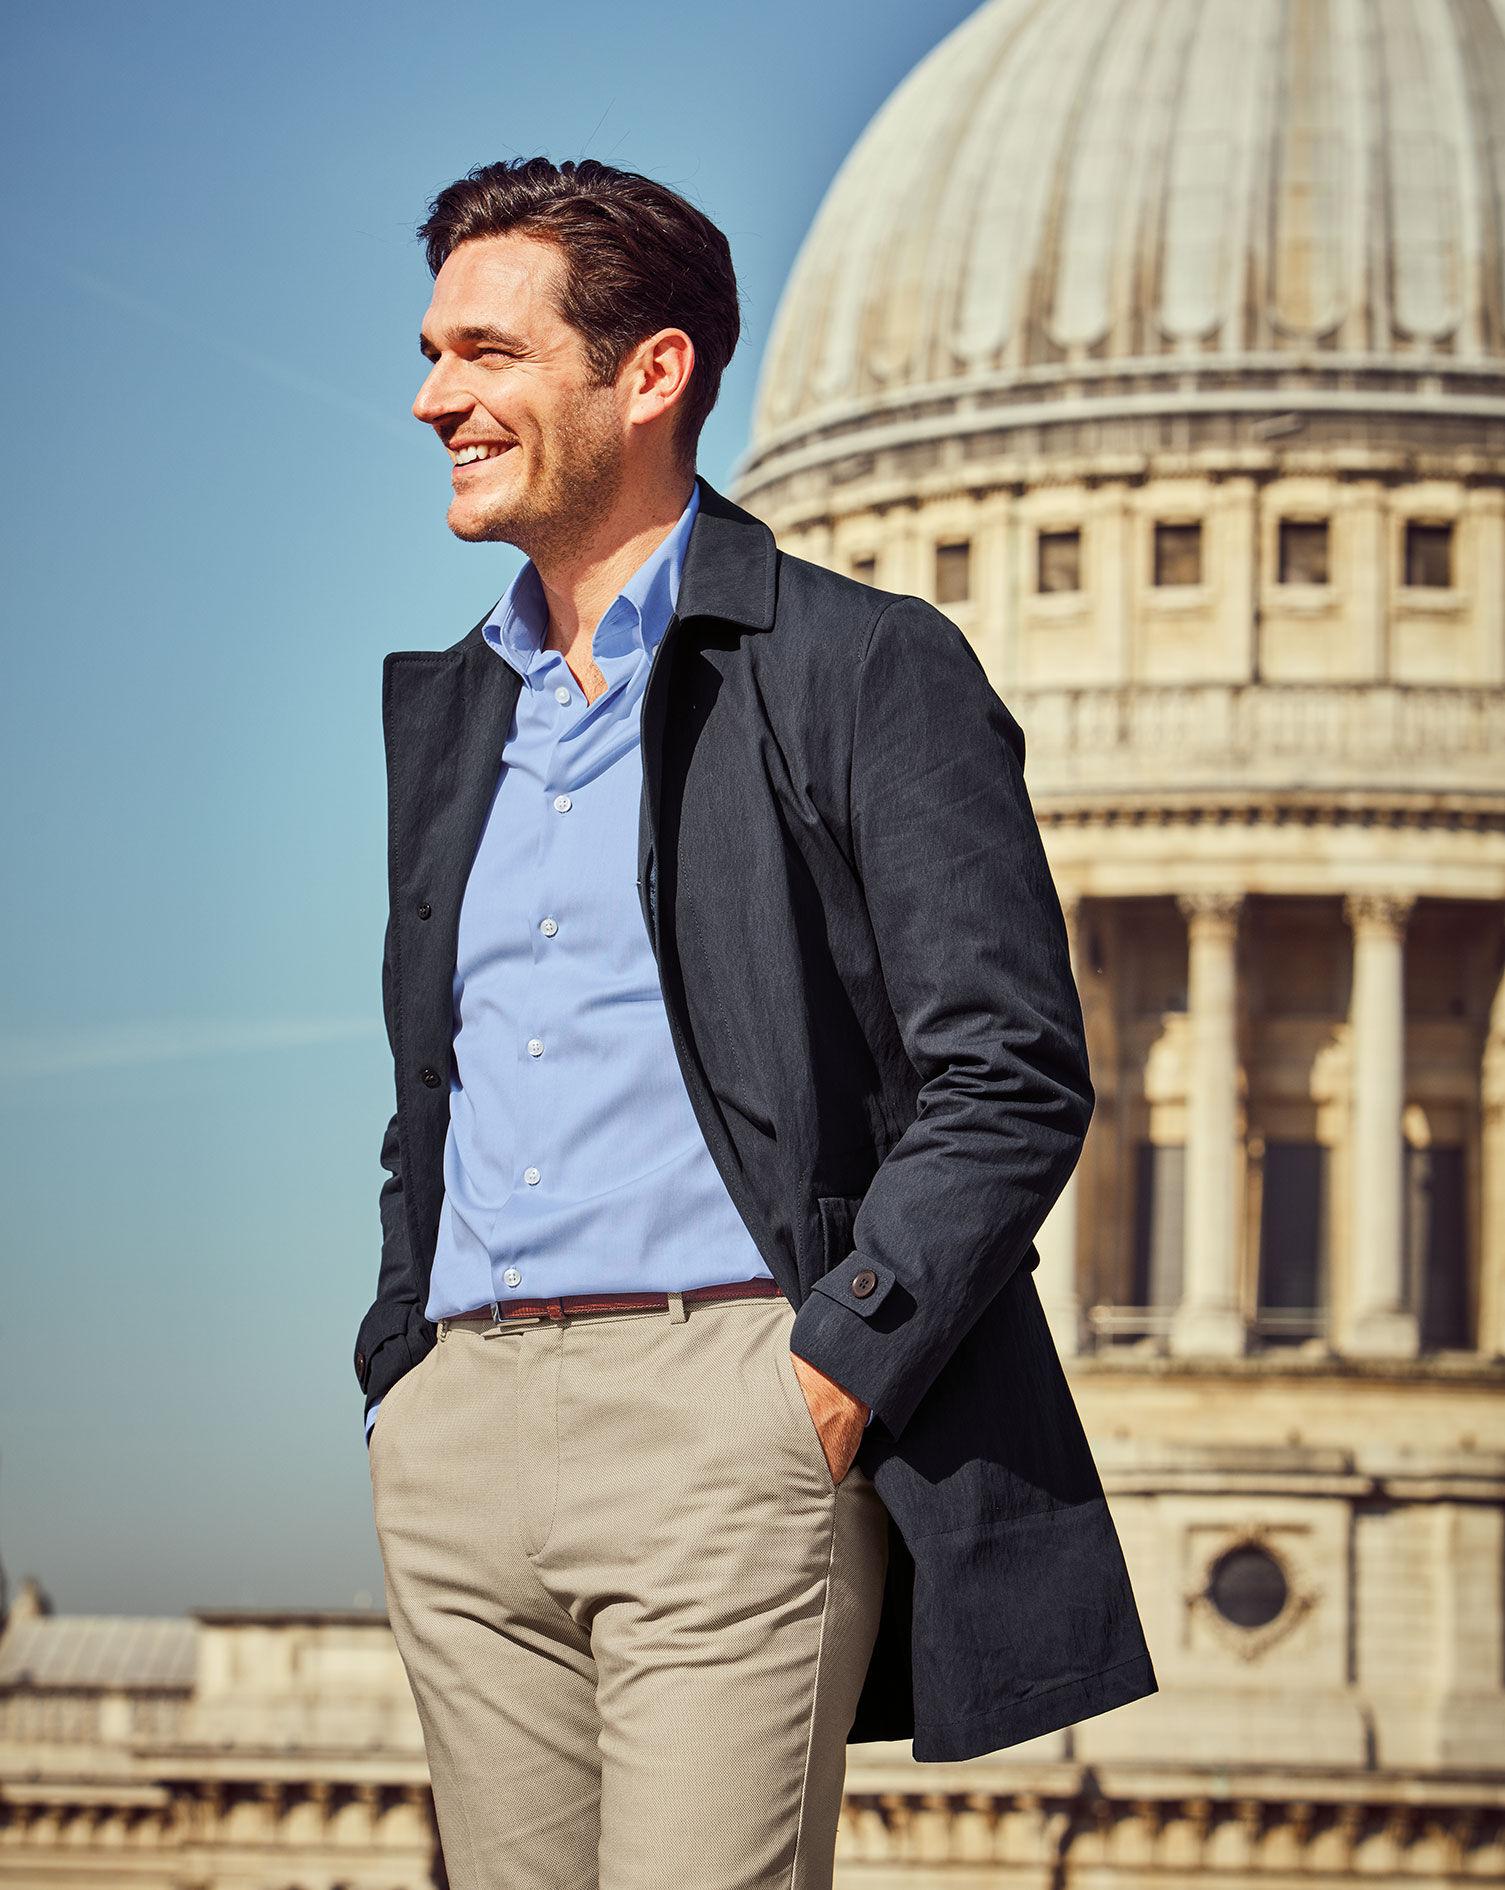 Bügelfreies Slim Fit Business Casual Hemd mit Button down Kragen in Himmelblau